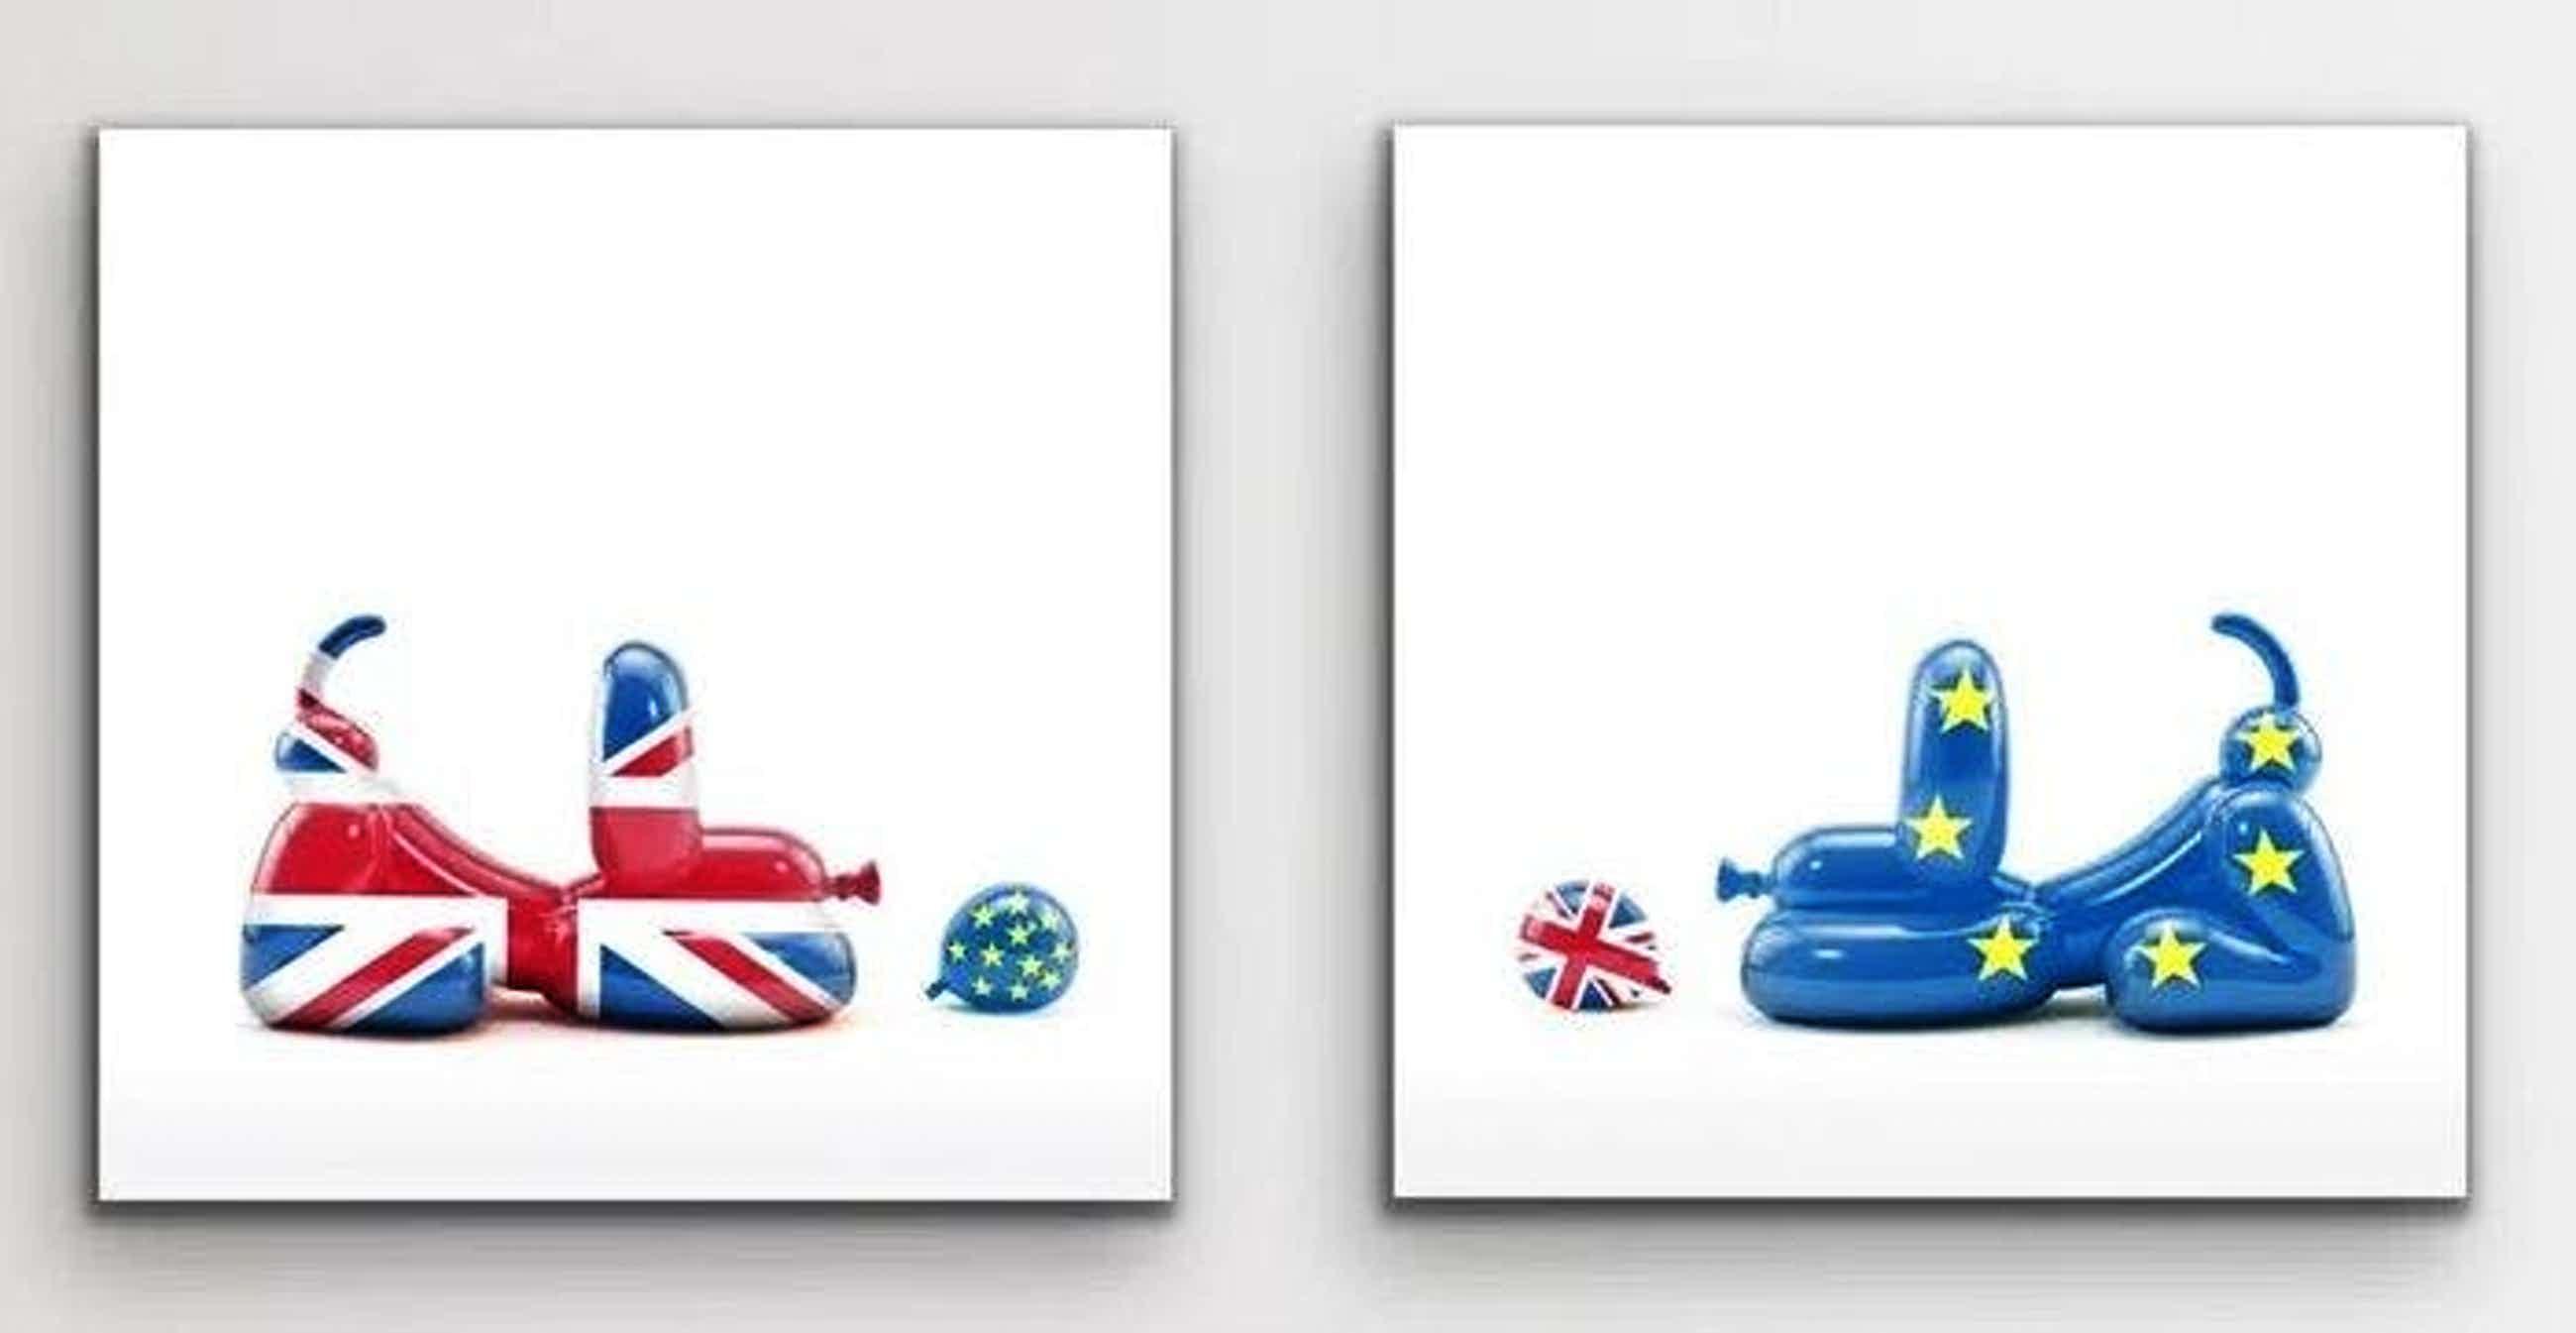 WHATSHISNAME - Whatshisname (1982) - Brexit Happy POPek Balloon Dog set of two prints kopen? Bied vanaf 200!